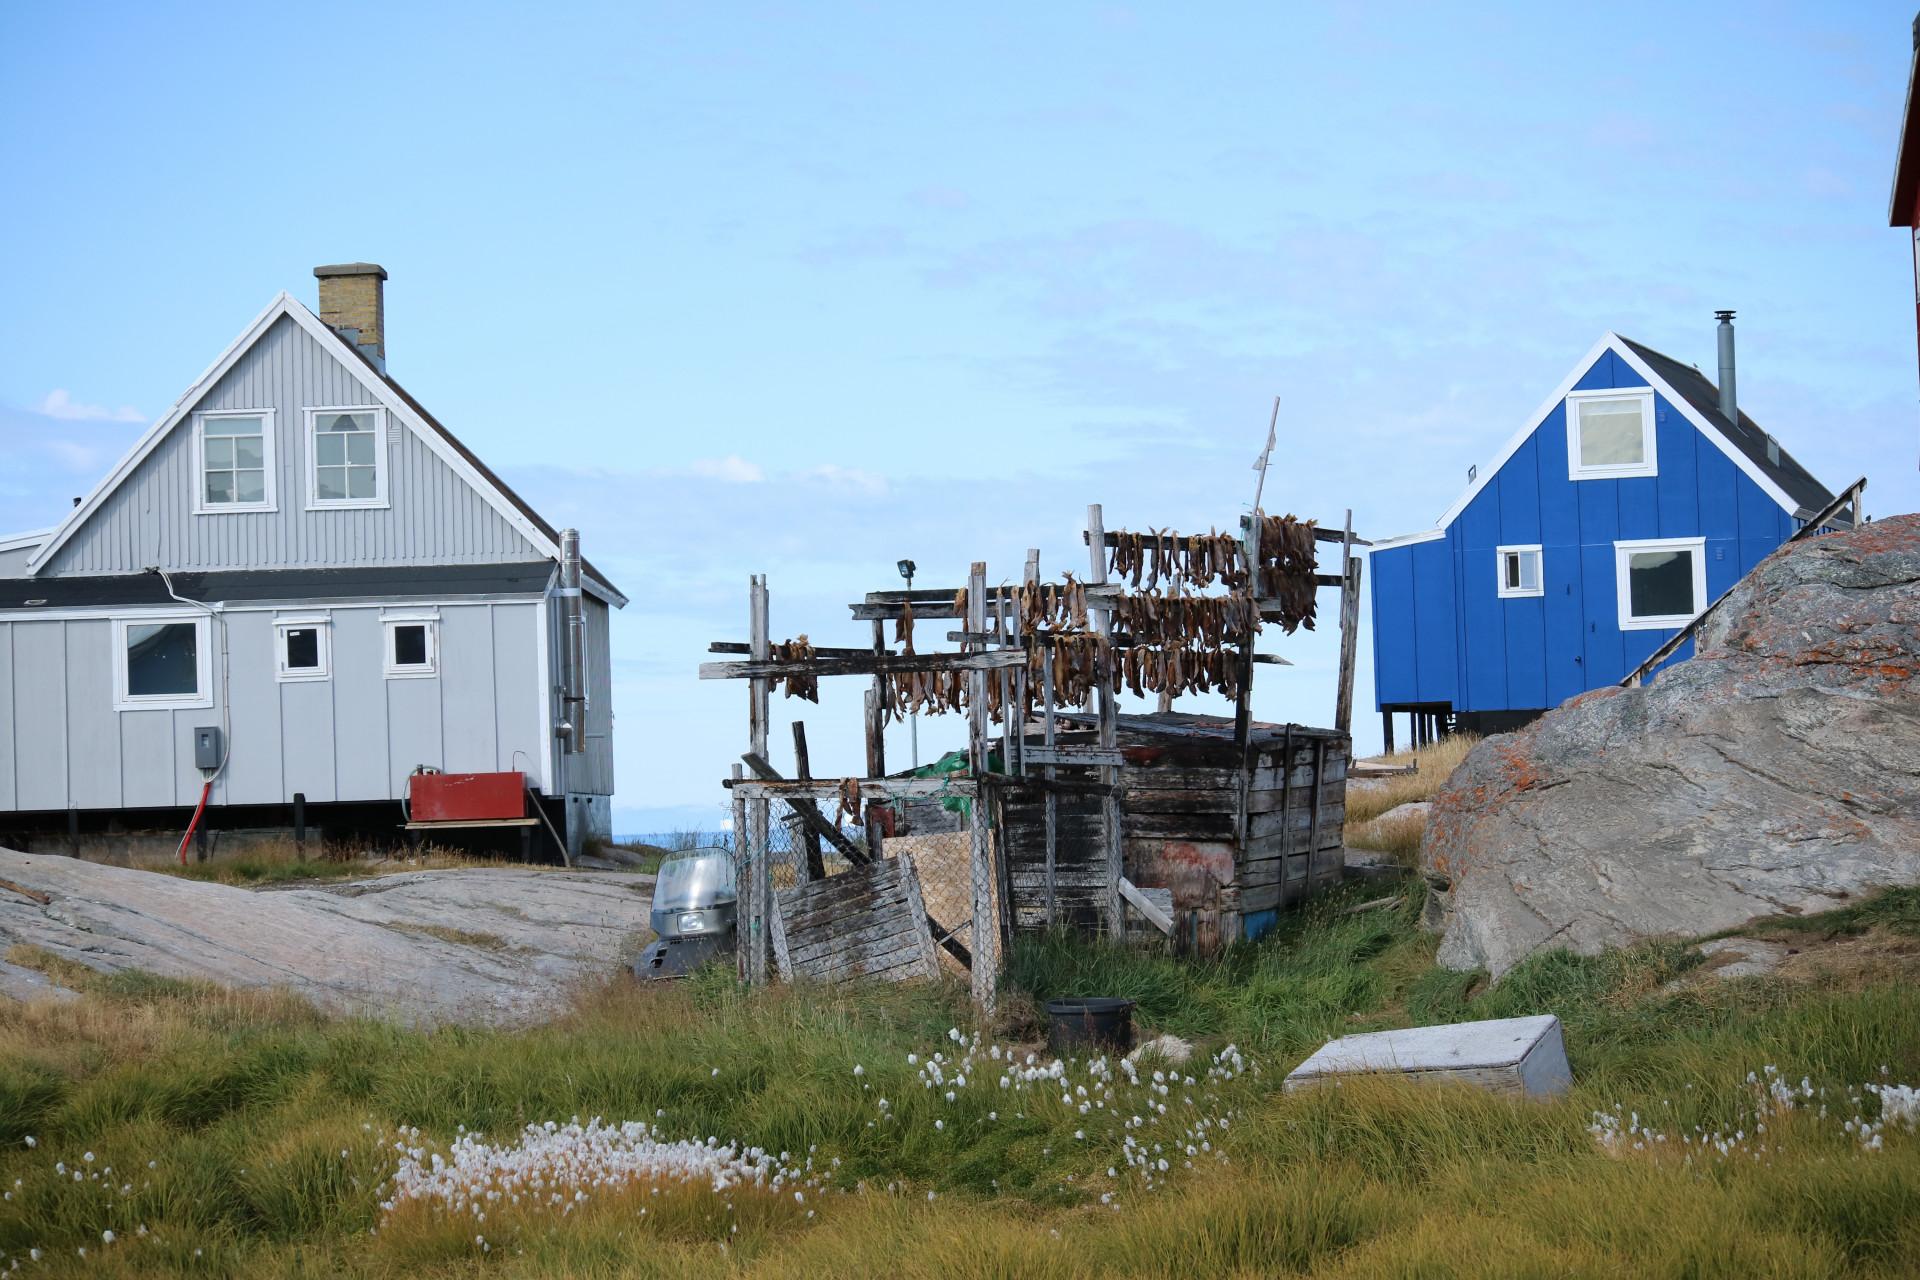 Vitt och blått hus med gräs och små berg i förgrunden. En torkställning står mellan husen, där fisk hänger på tork. Bild från Grönland, foto av Nordiska museet.